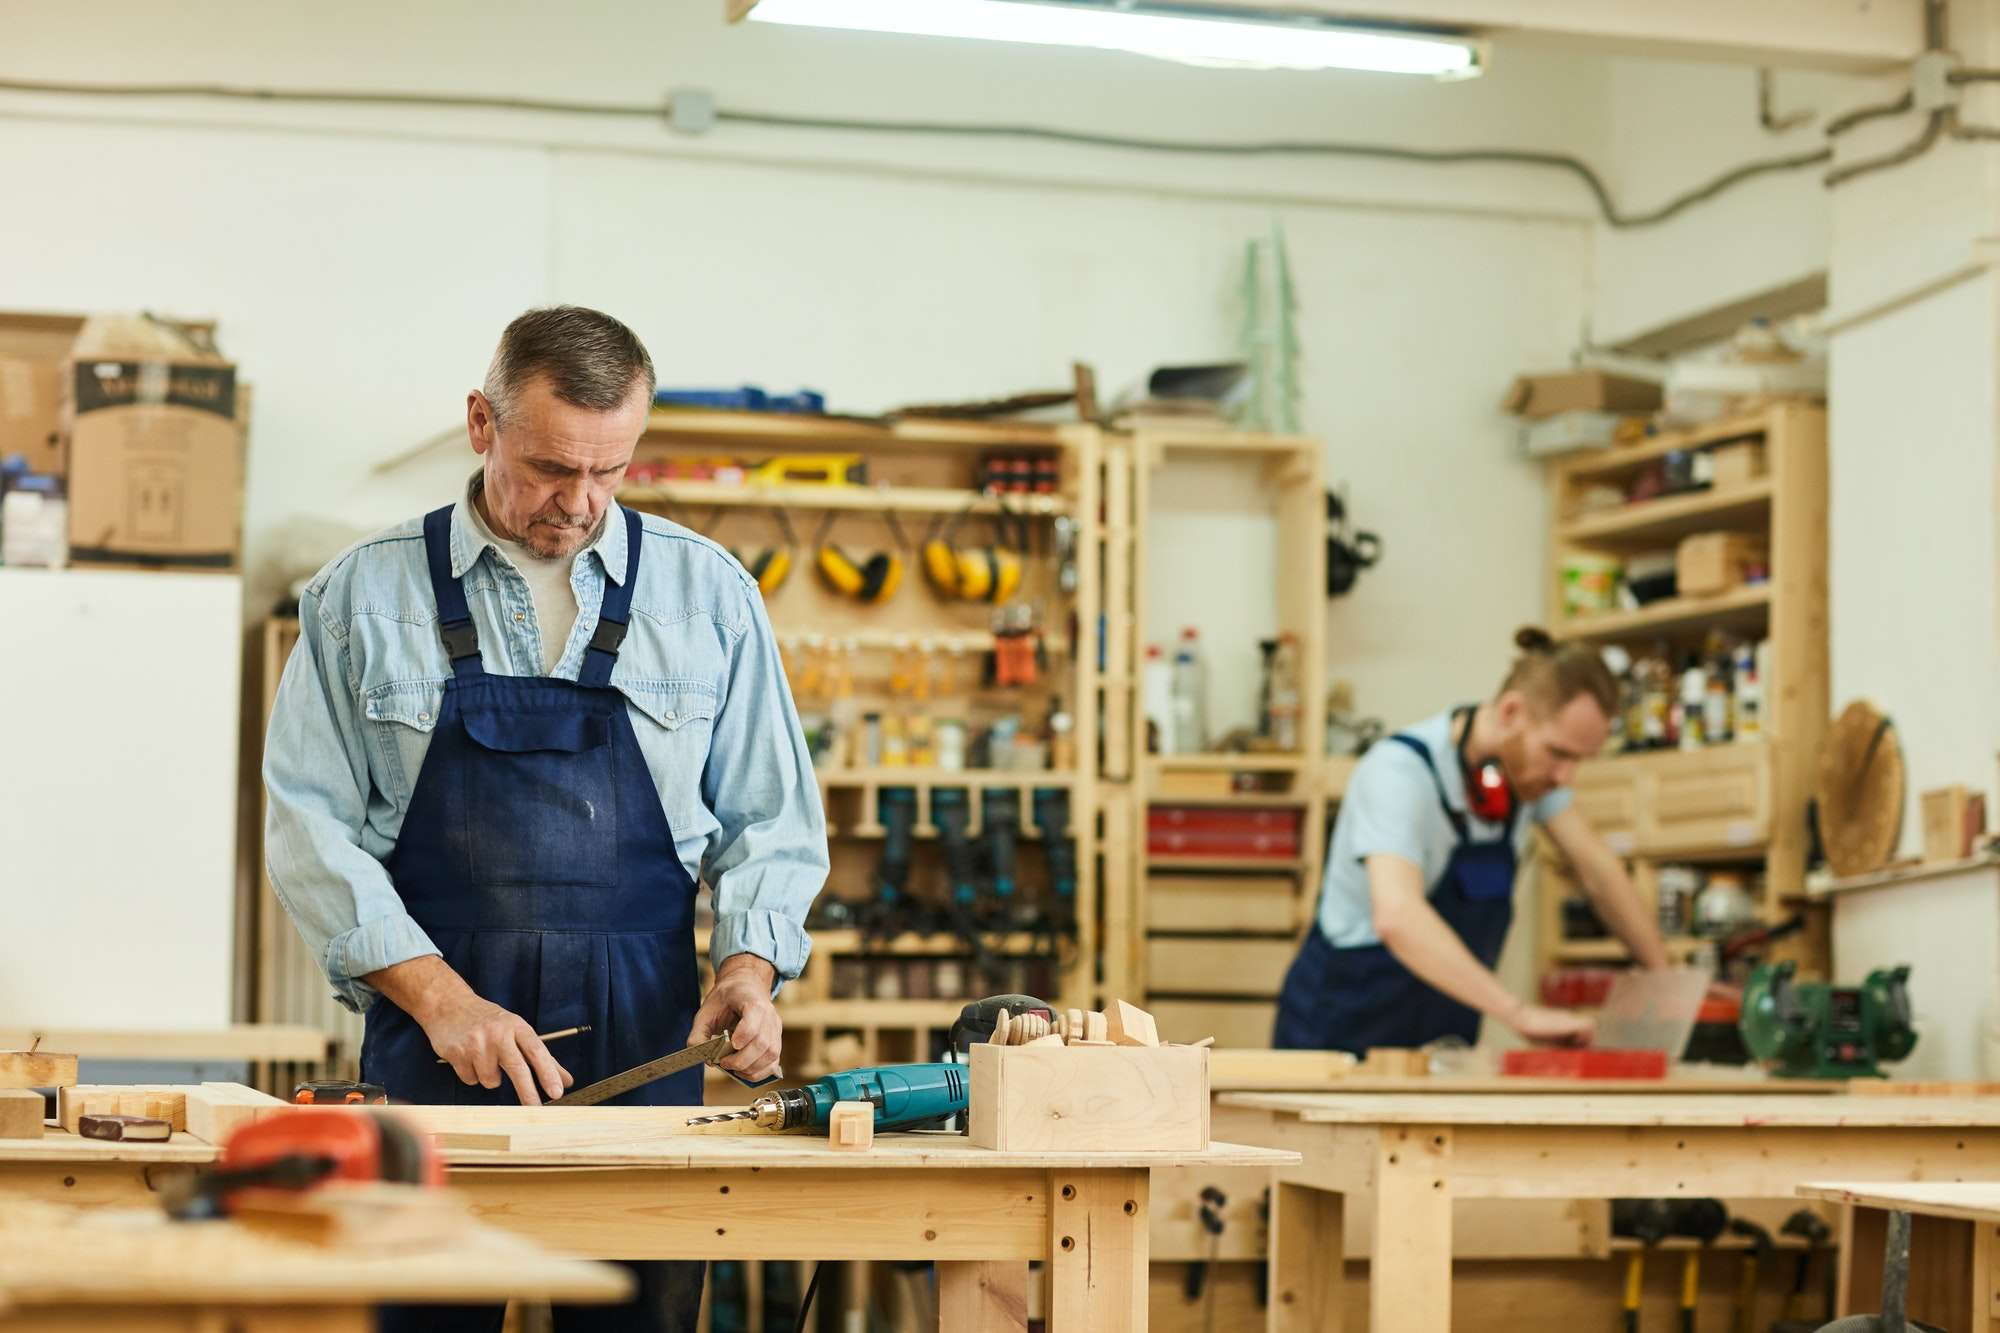 Carpenters Assembling Furniture